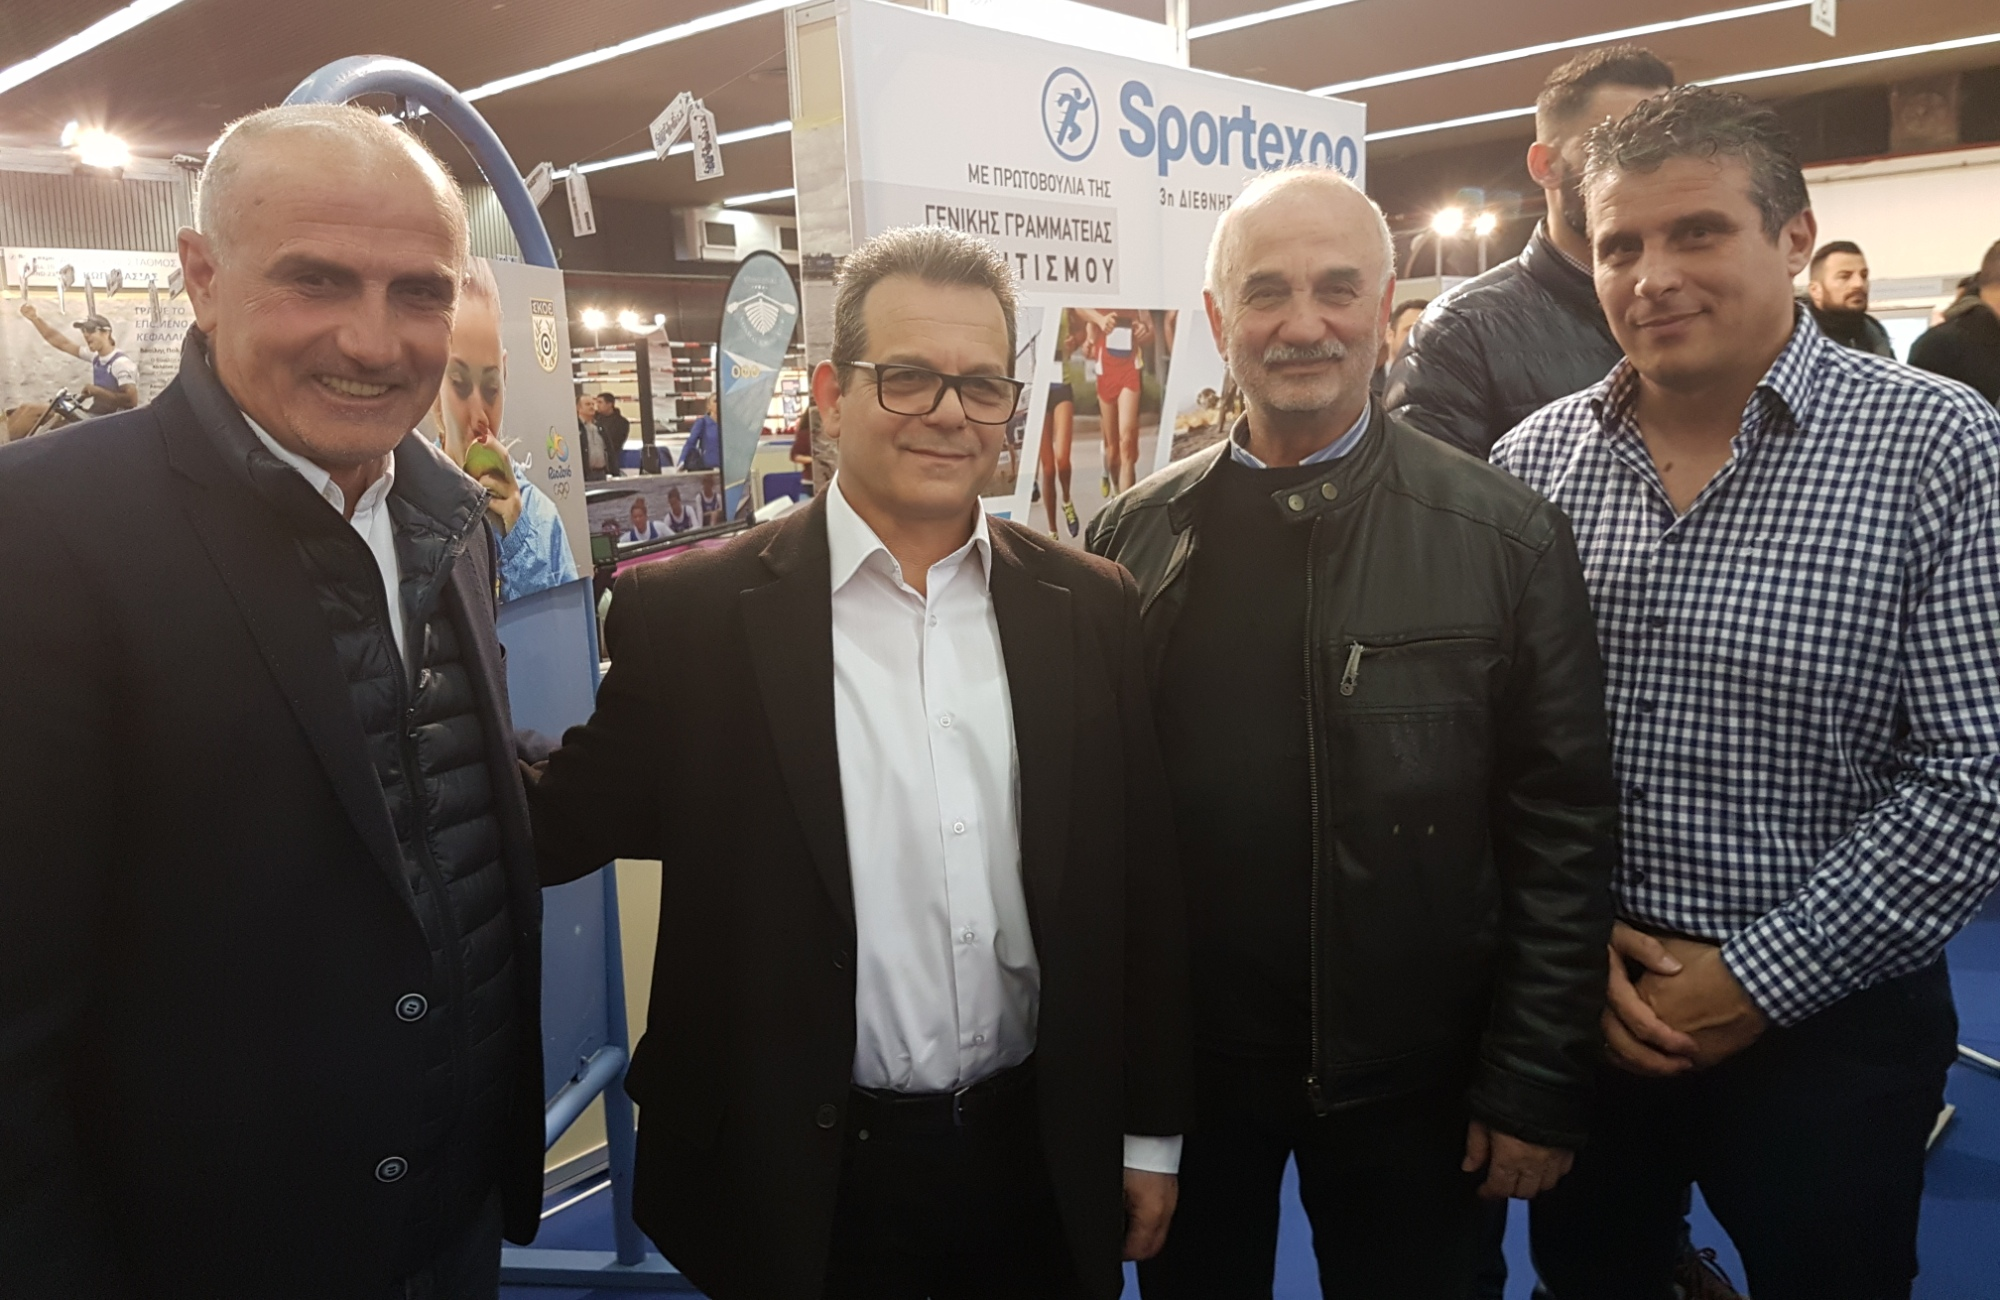 sportexpo2018-01